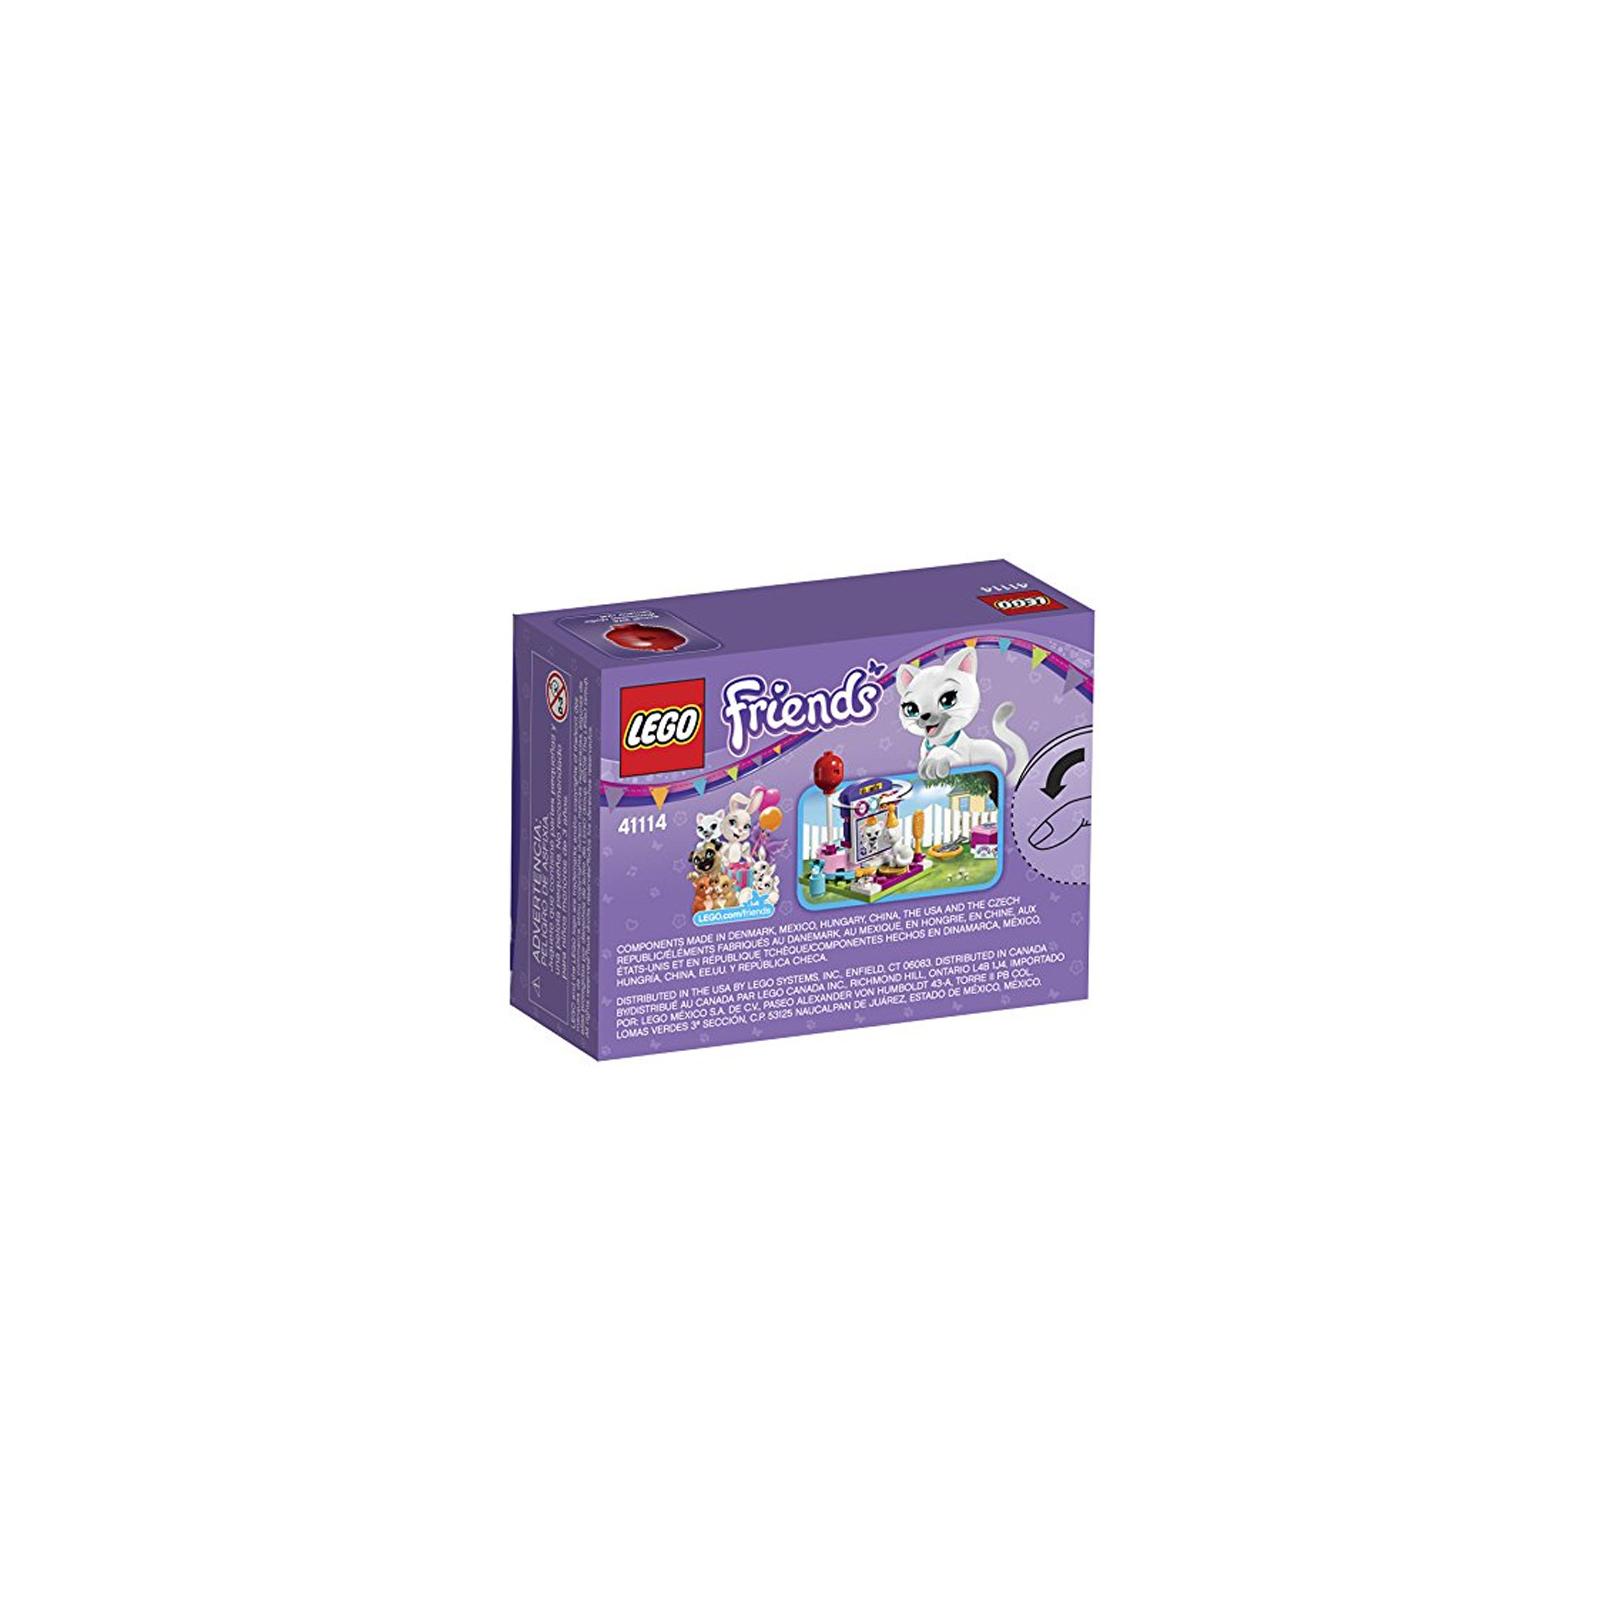 Конструктор LEGO Friends День рождения: салон красоты (41114) изображение 8